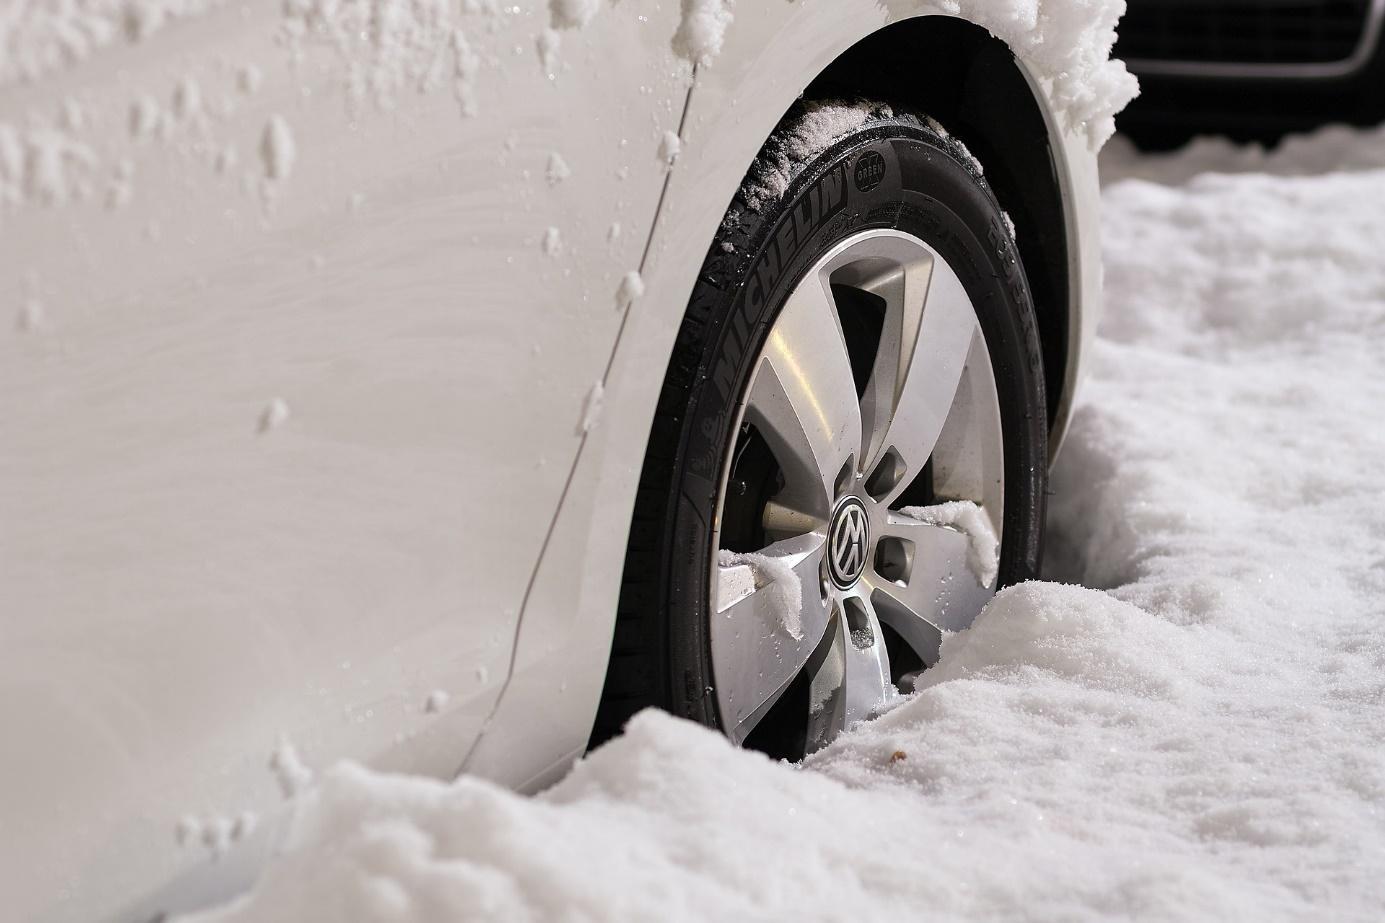 Rijden met winterbanden: nodig of overbodig?